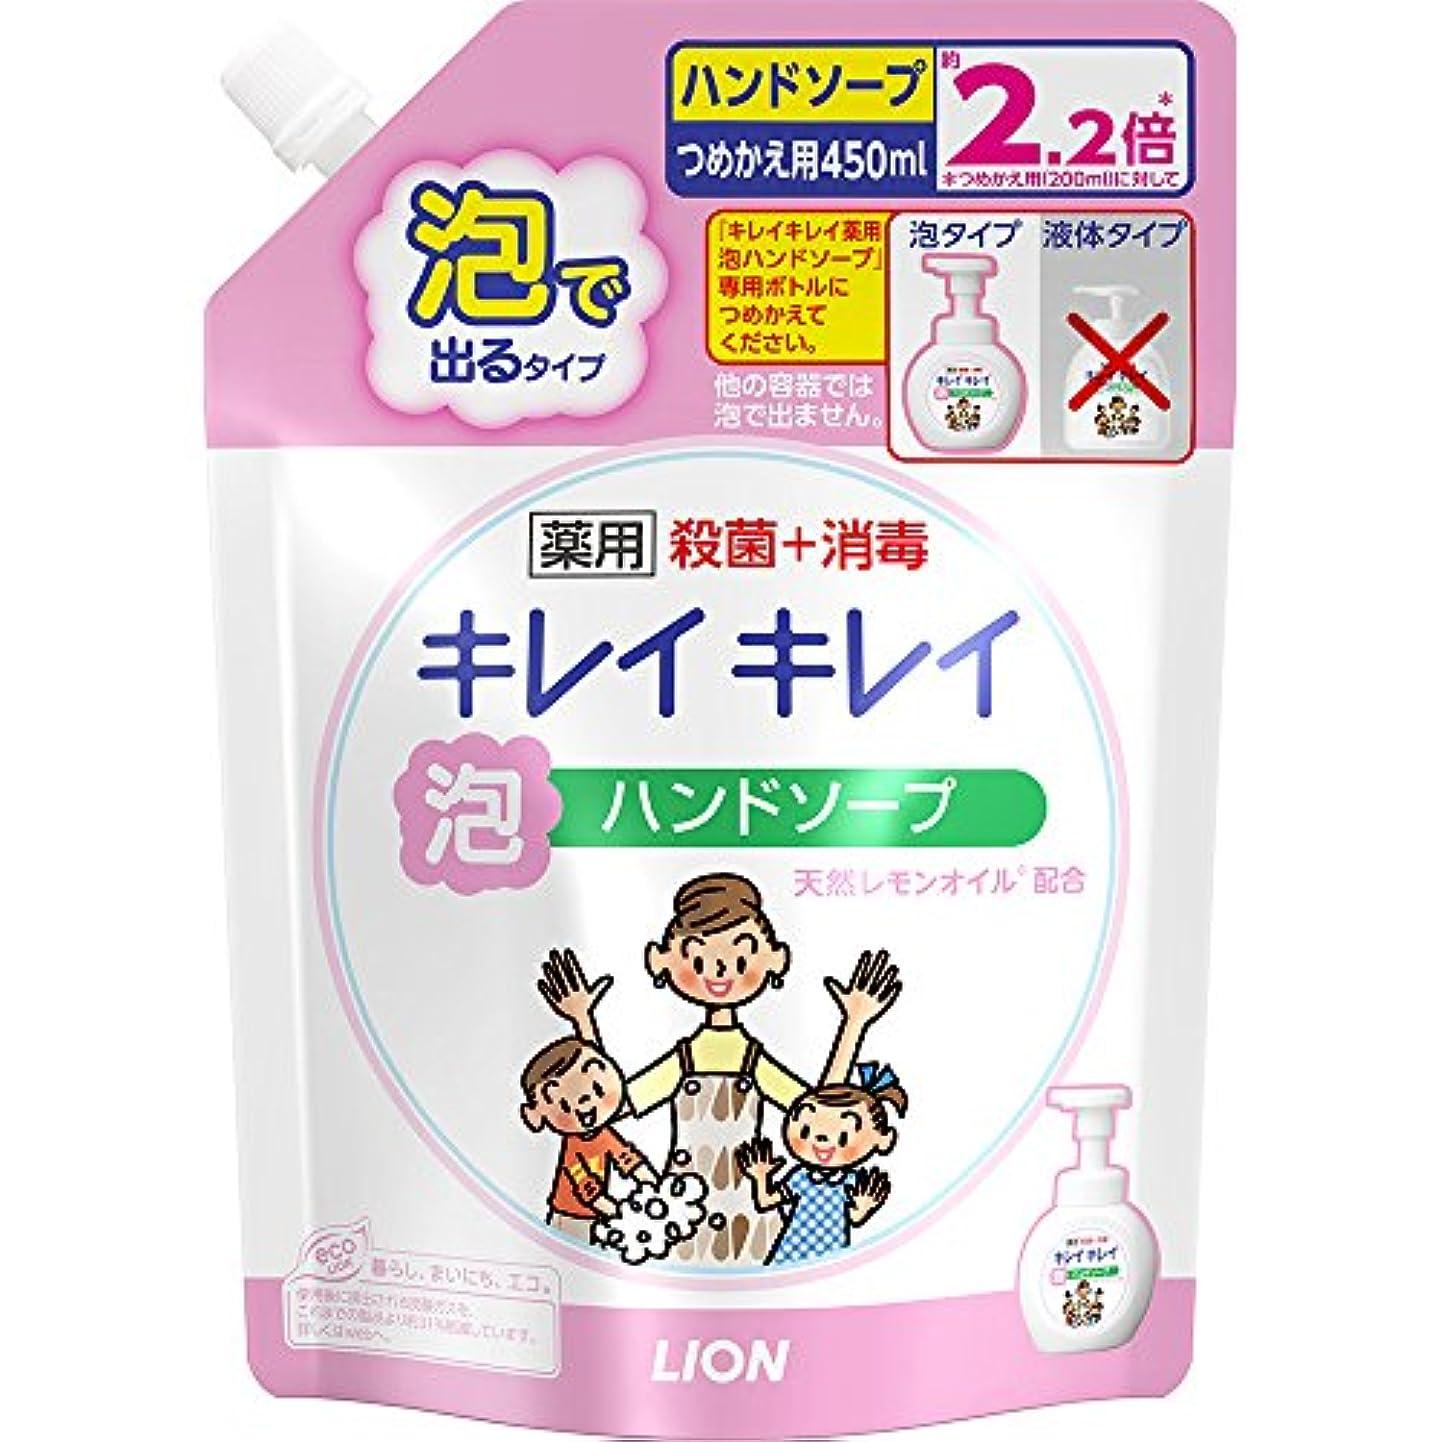 古くなったボリュームマージンキレイキレイ 薬用 泡ハンドソープ シトラスフルーティの香り 詰め替え 450ml(医薬部外品)